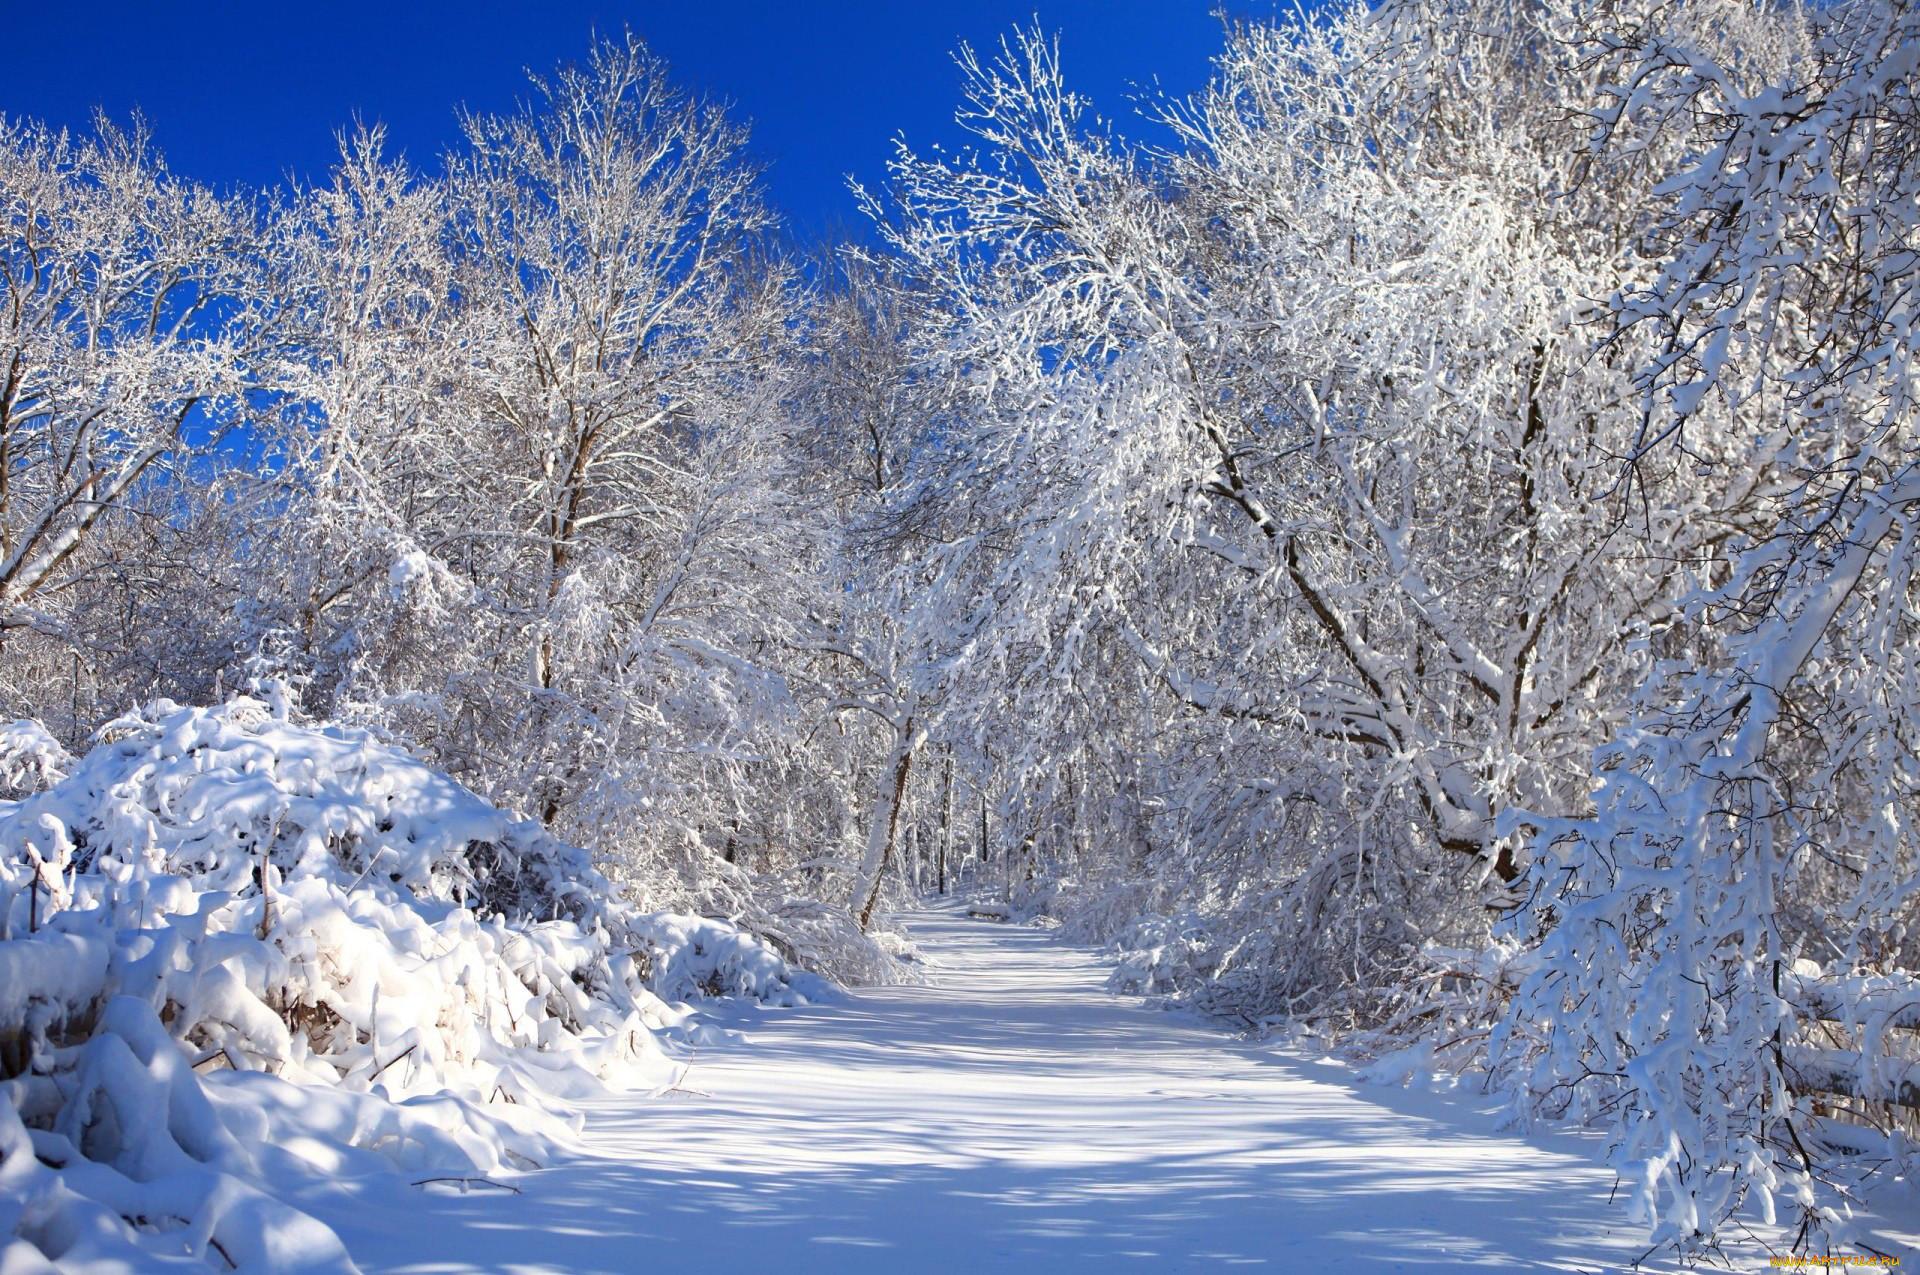 смотреть картинки зимы на рабочий стол нашла очень